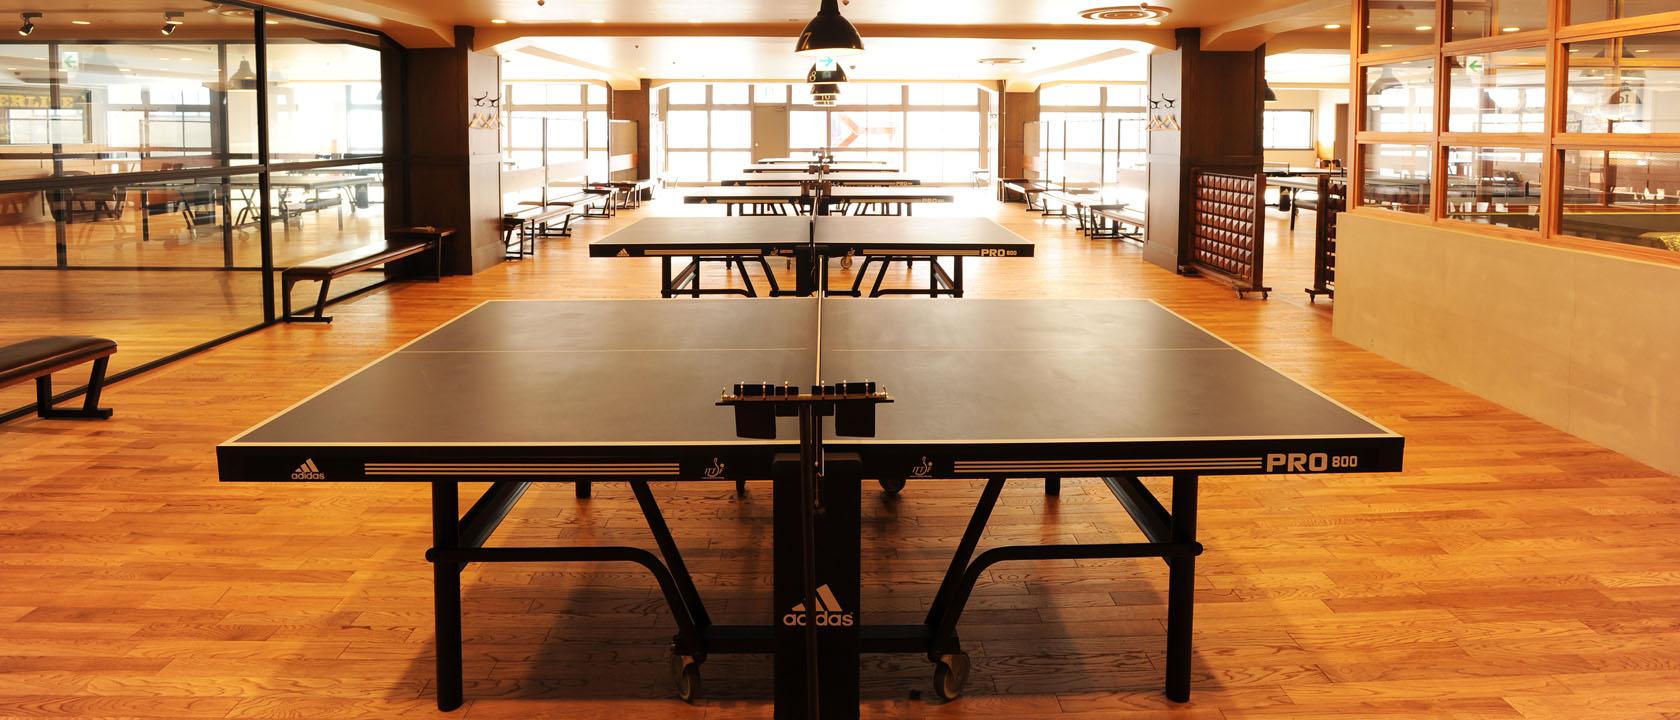 Gu a para comprar una mesa de ping pong mesas de ping pong for Mesa de ping pong milanuncios